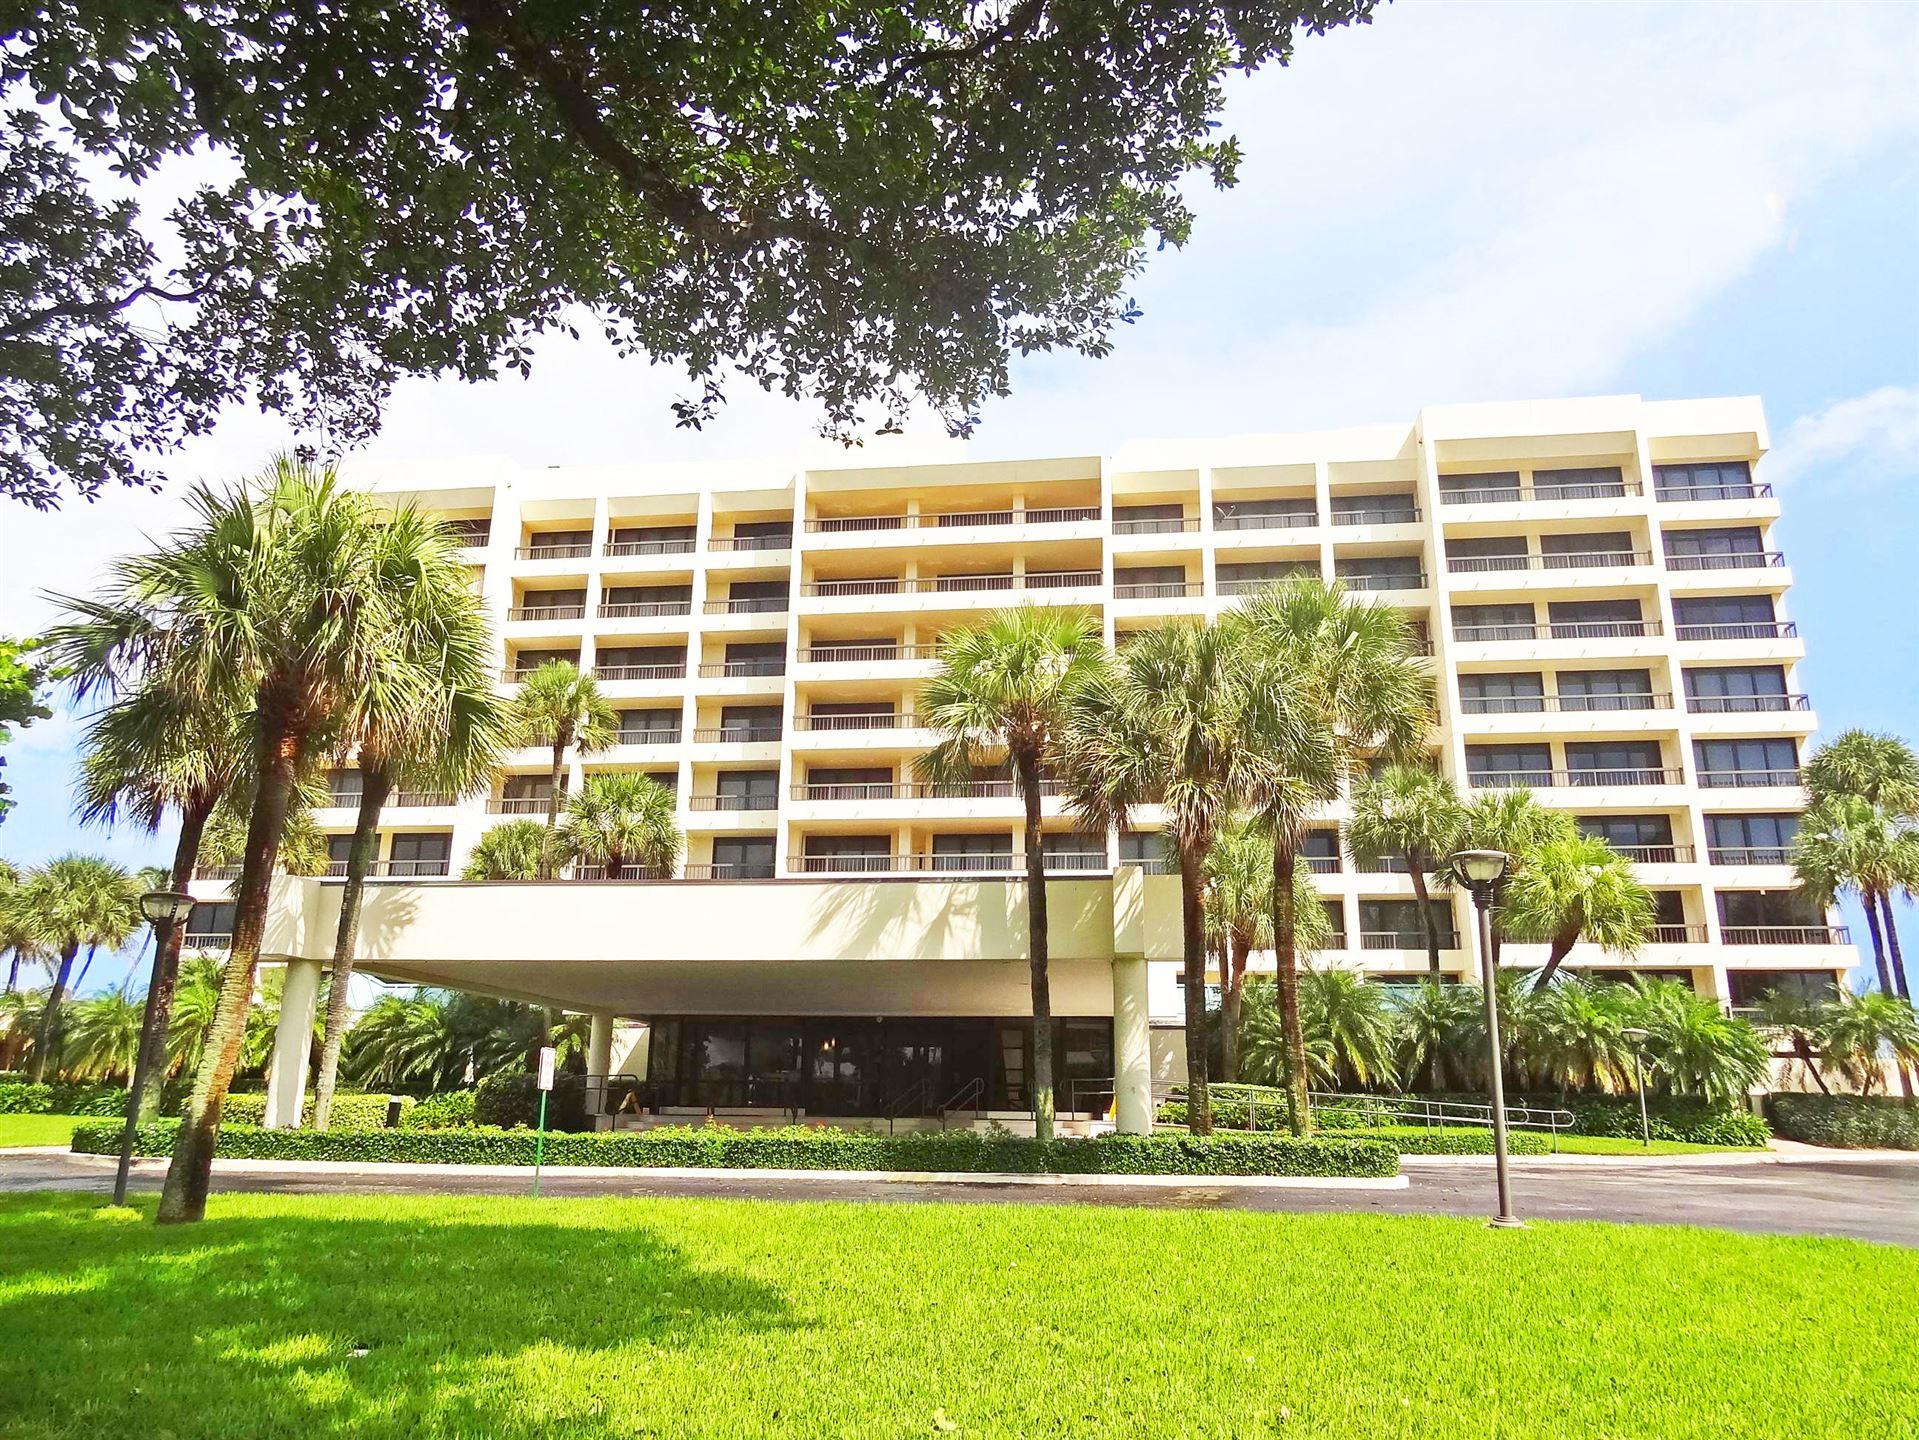 1800 S Ocean Boulevard #4 B, Boca Raton, FL 33432 - MLS#: RX-10658470